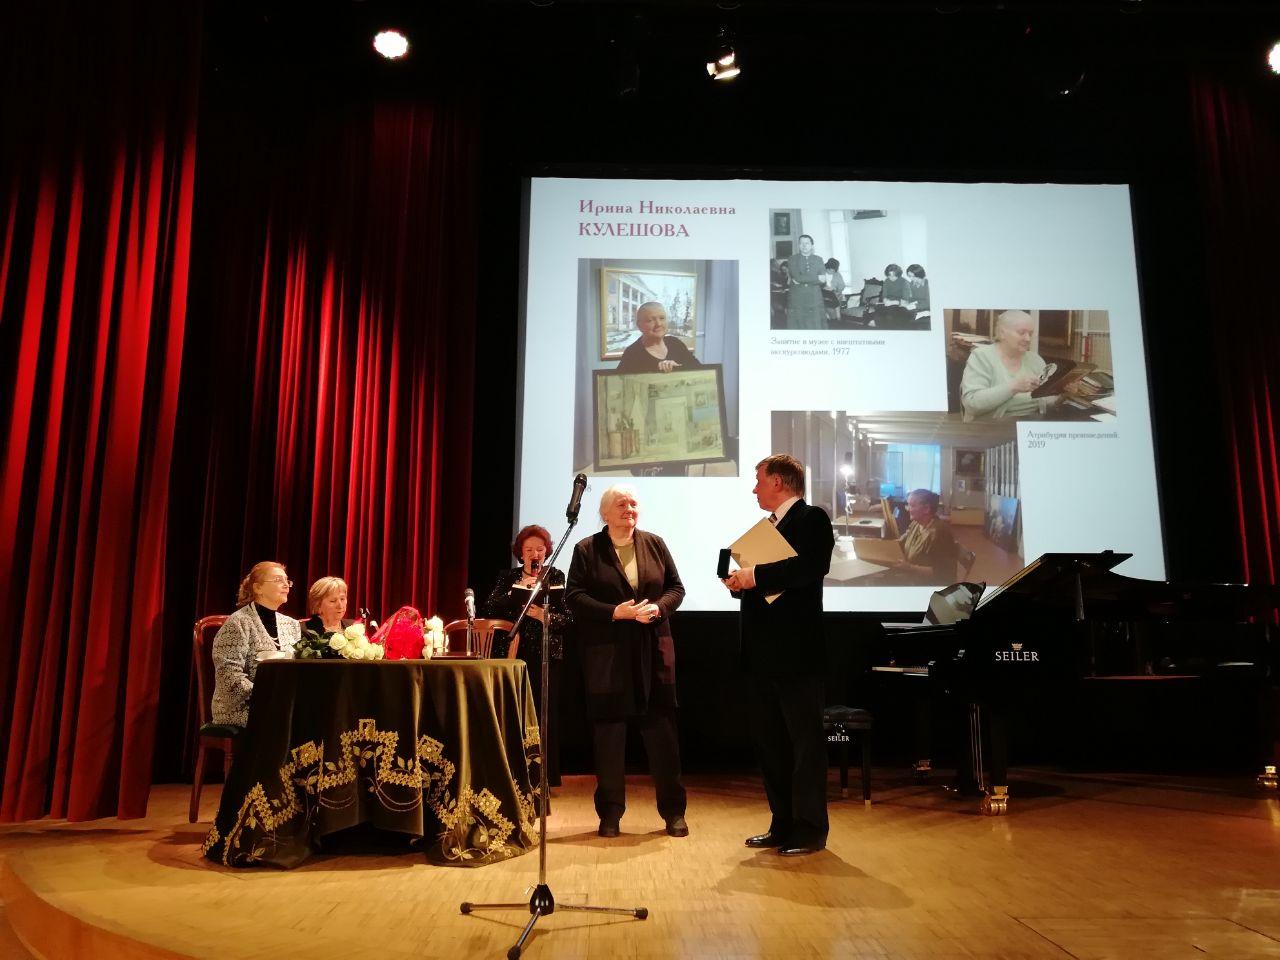 Ярославский искусствовед получила самую высокую награду Благотворительного фонда имени Павла Михайловича Третьякова